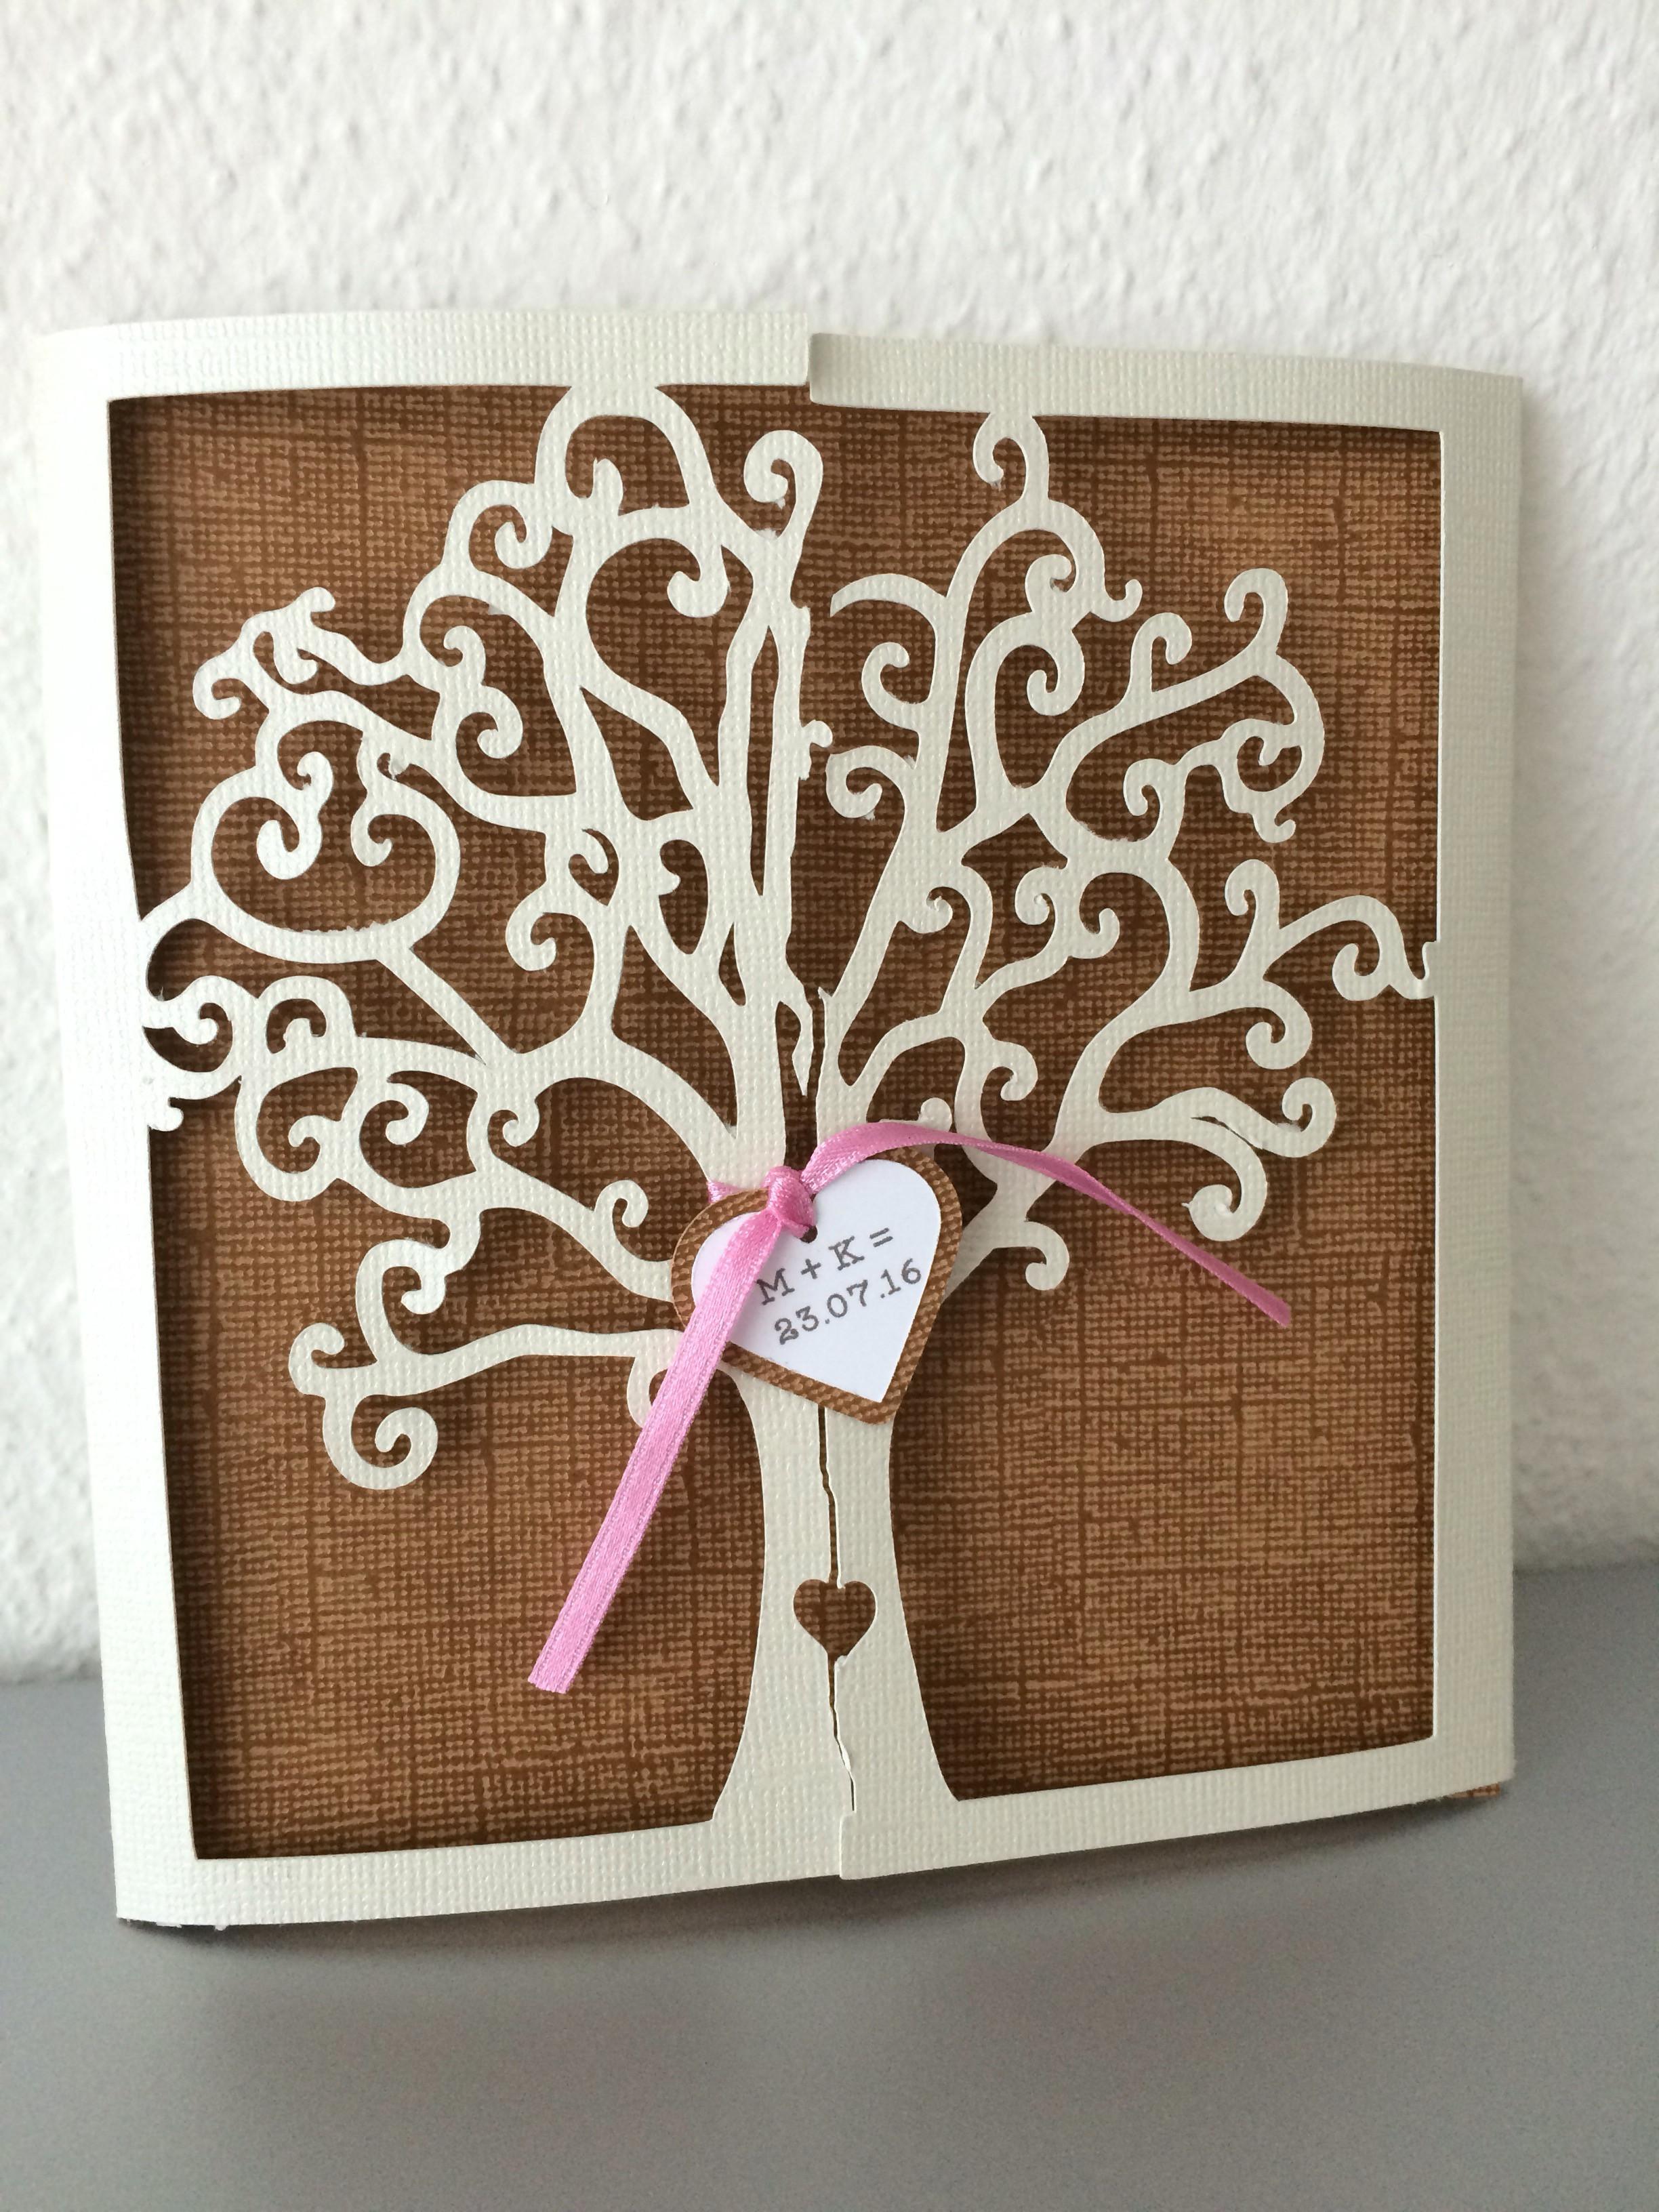 Hochzeit Wünsche Karte  Einladung zur Hochzeit Karte zur Hochzeit Baum